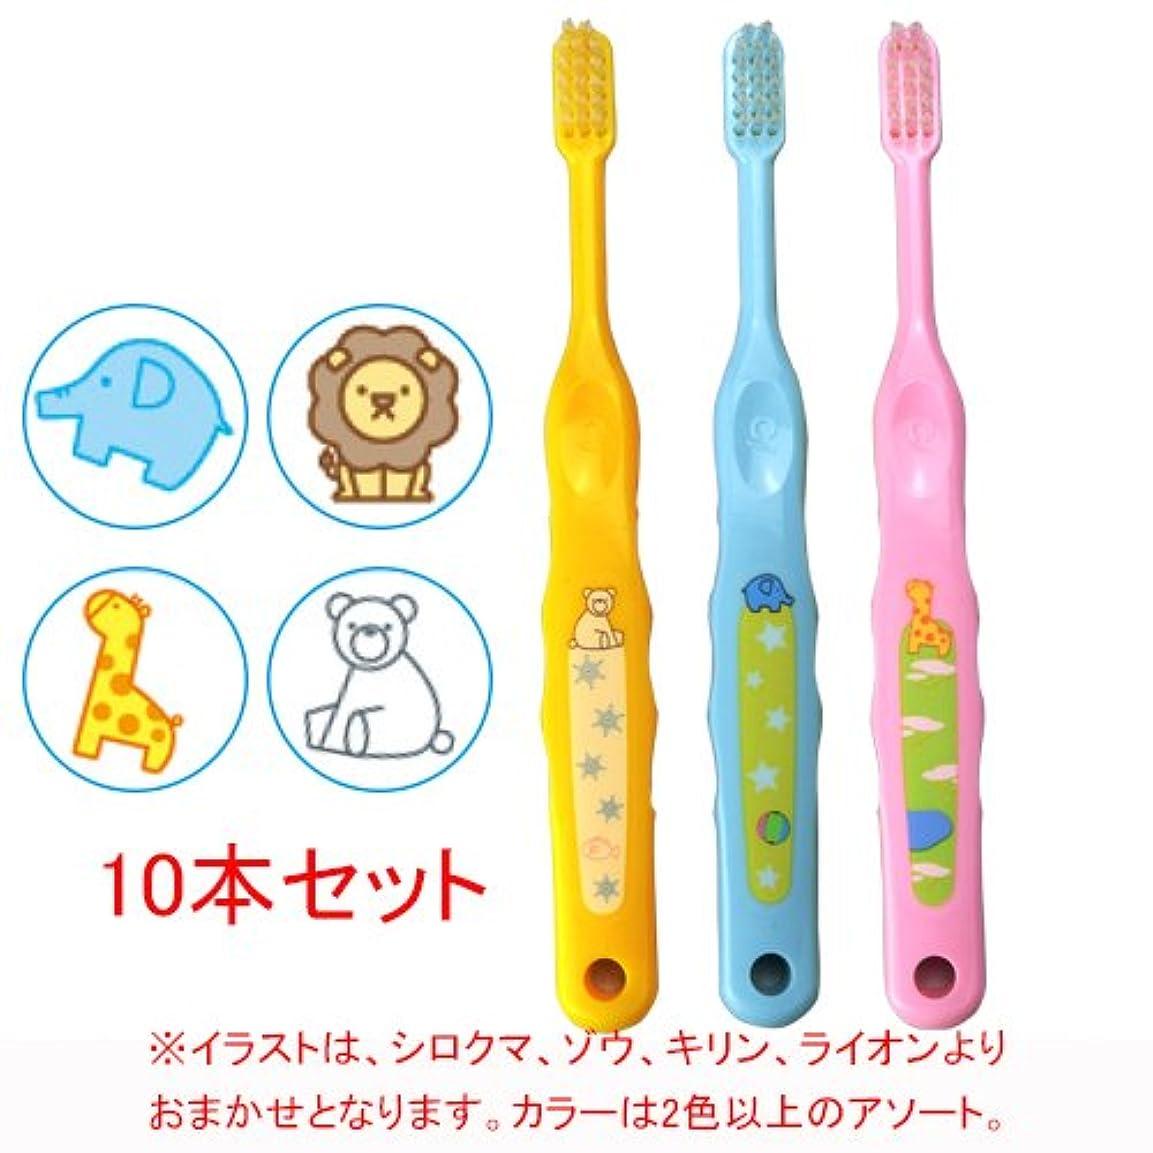 セラフ主要な証明Ciメディカル Ci なまえ歯ブラシ 503 (やわらかめ) (乳児~小学生向)10本